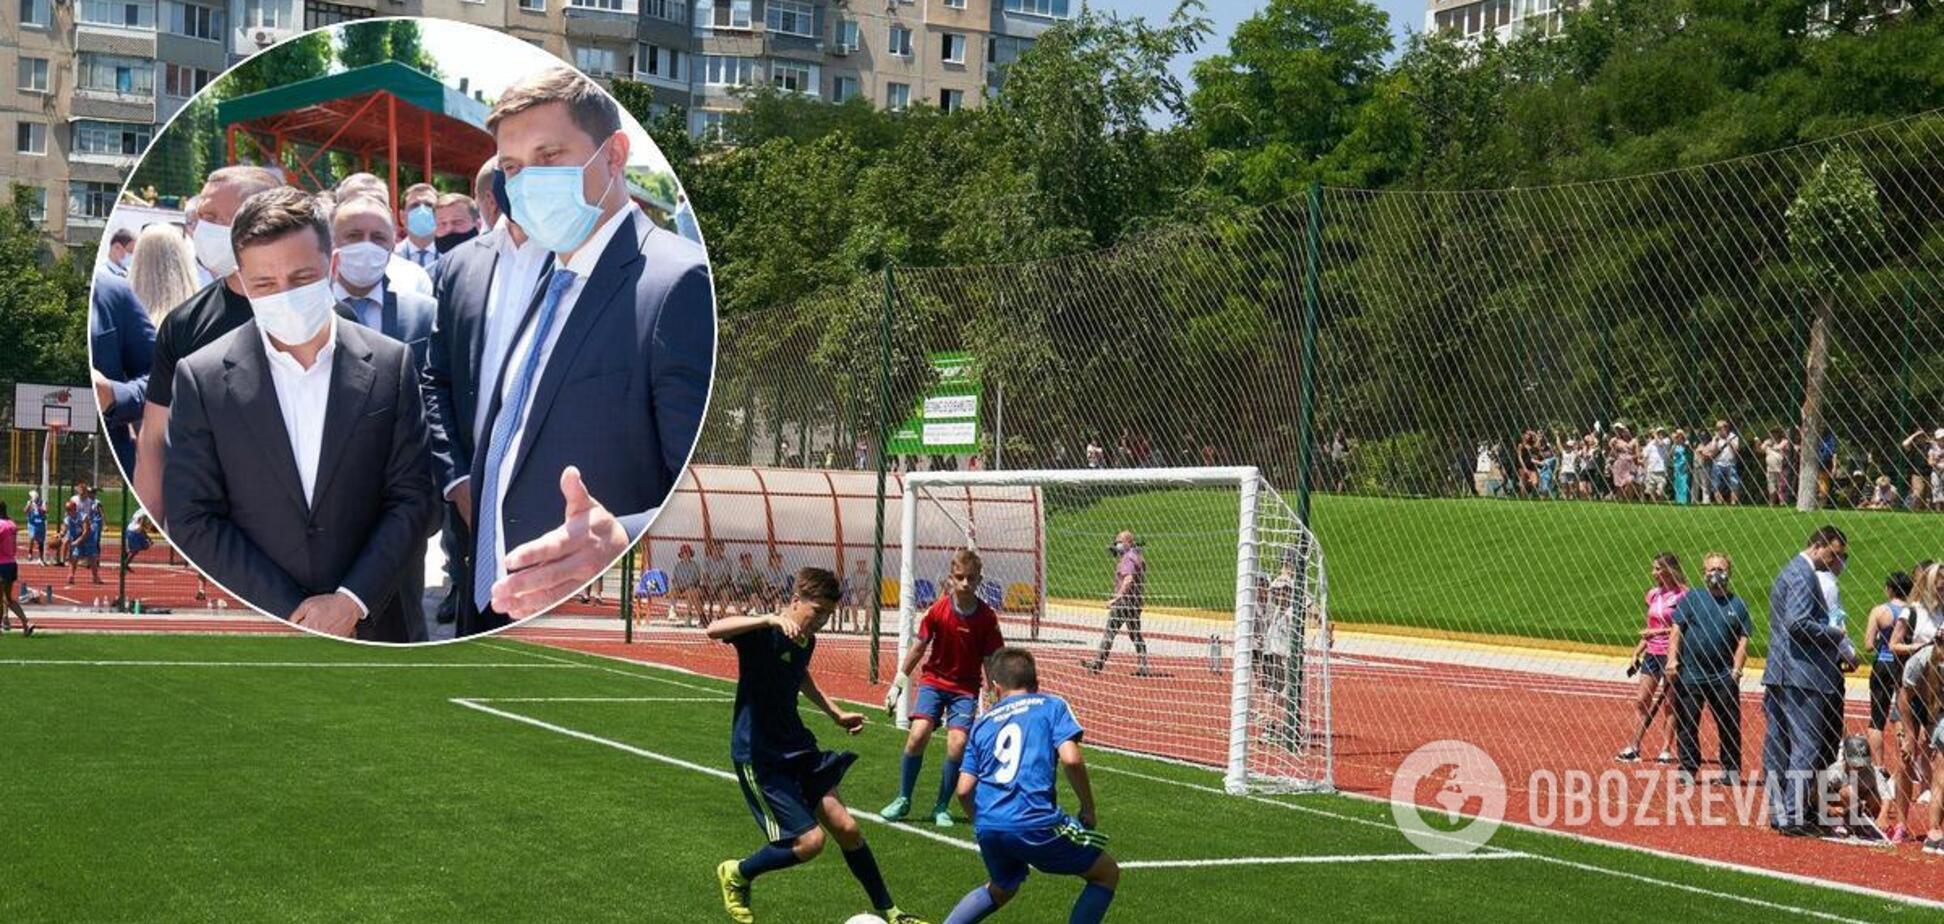 Зеленскому на Одесщине помогли 'специально обученные люди'. Фото курьеза